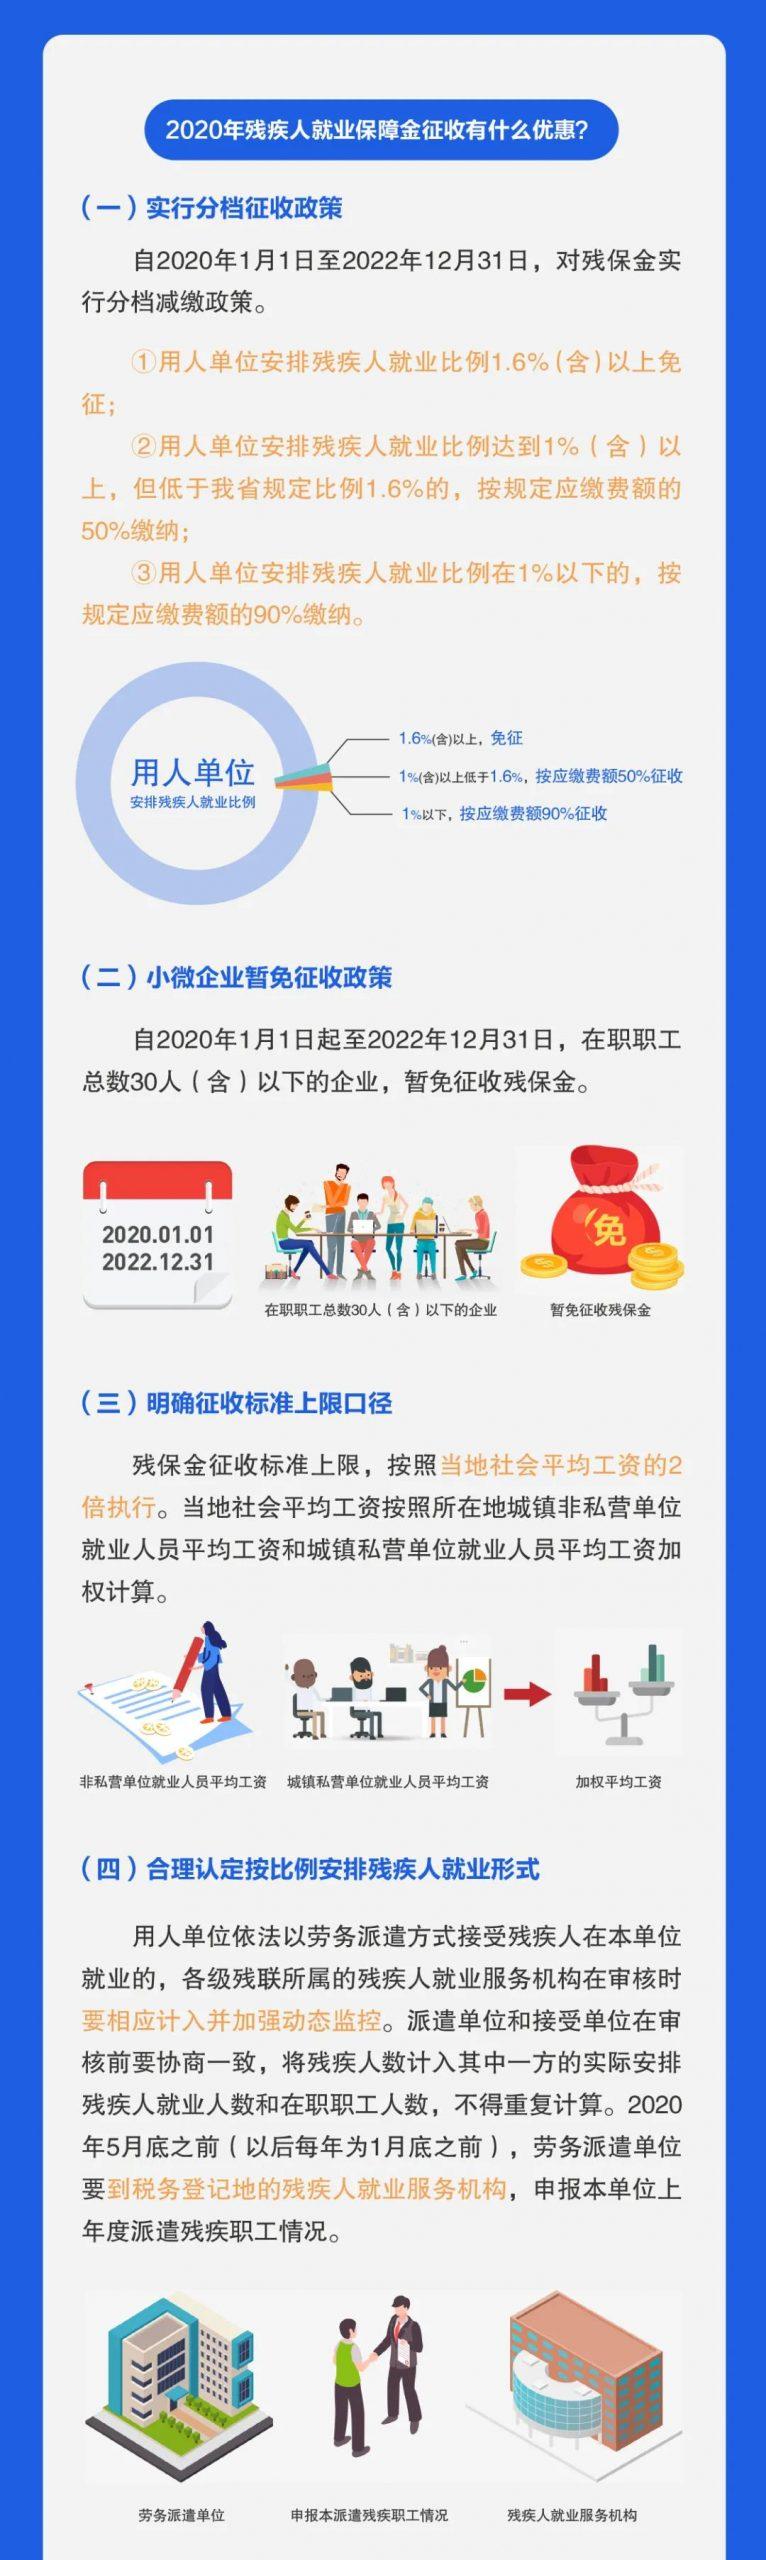 2020年河南残保金政策简介